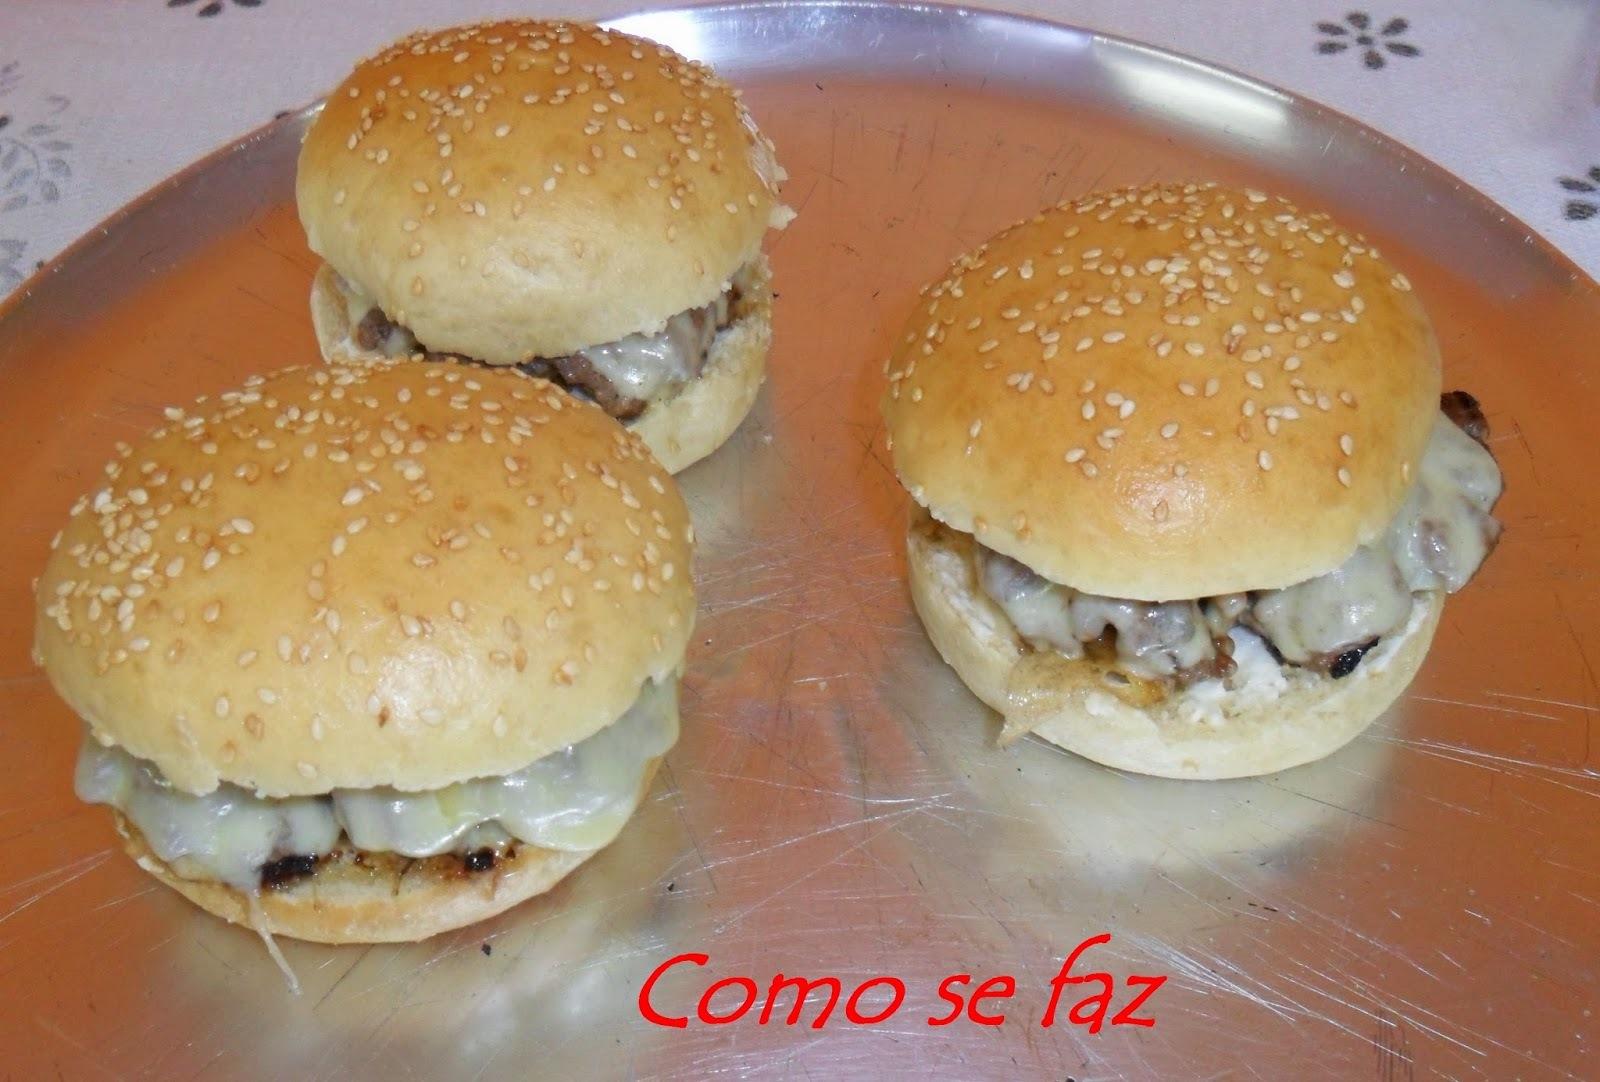 Hambúrguer saudável (completo)